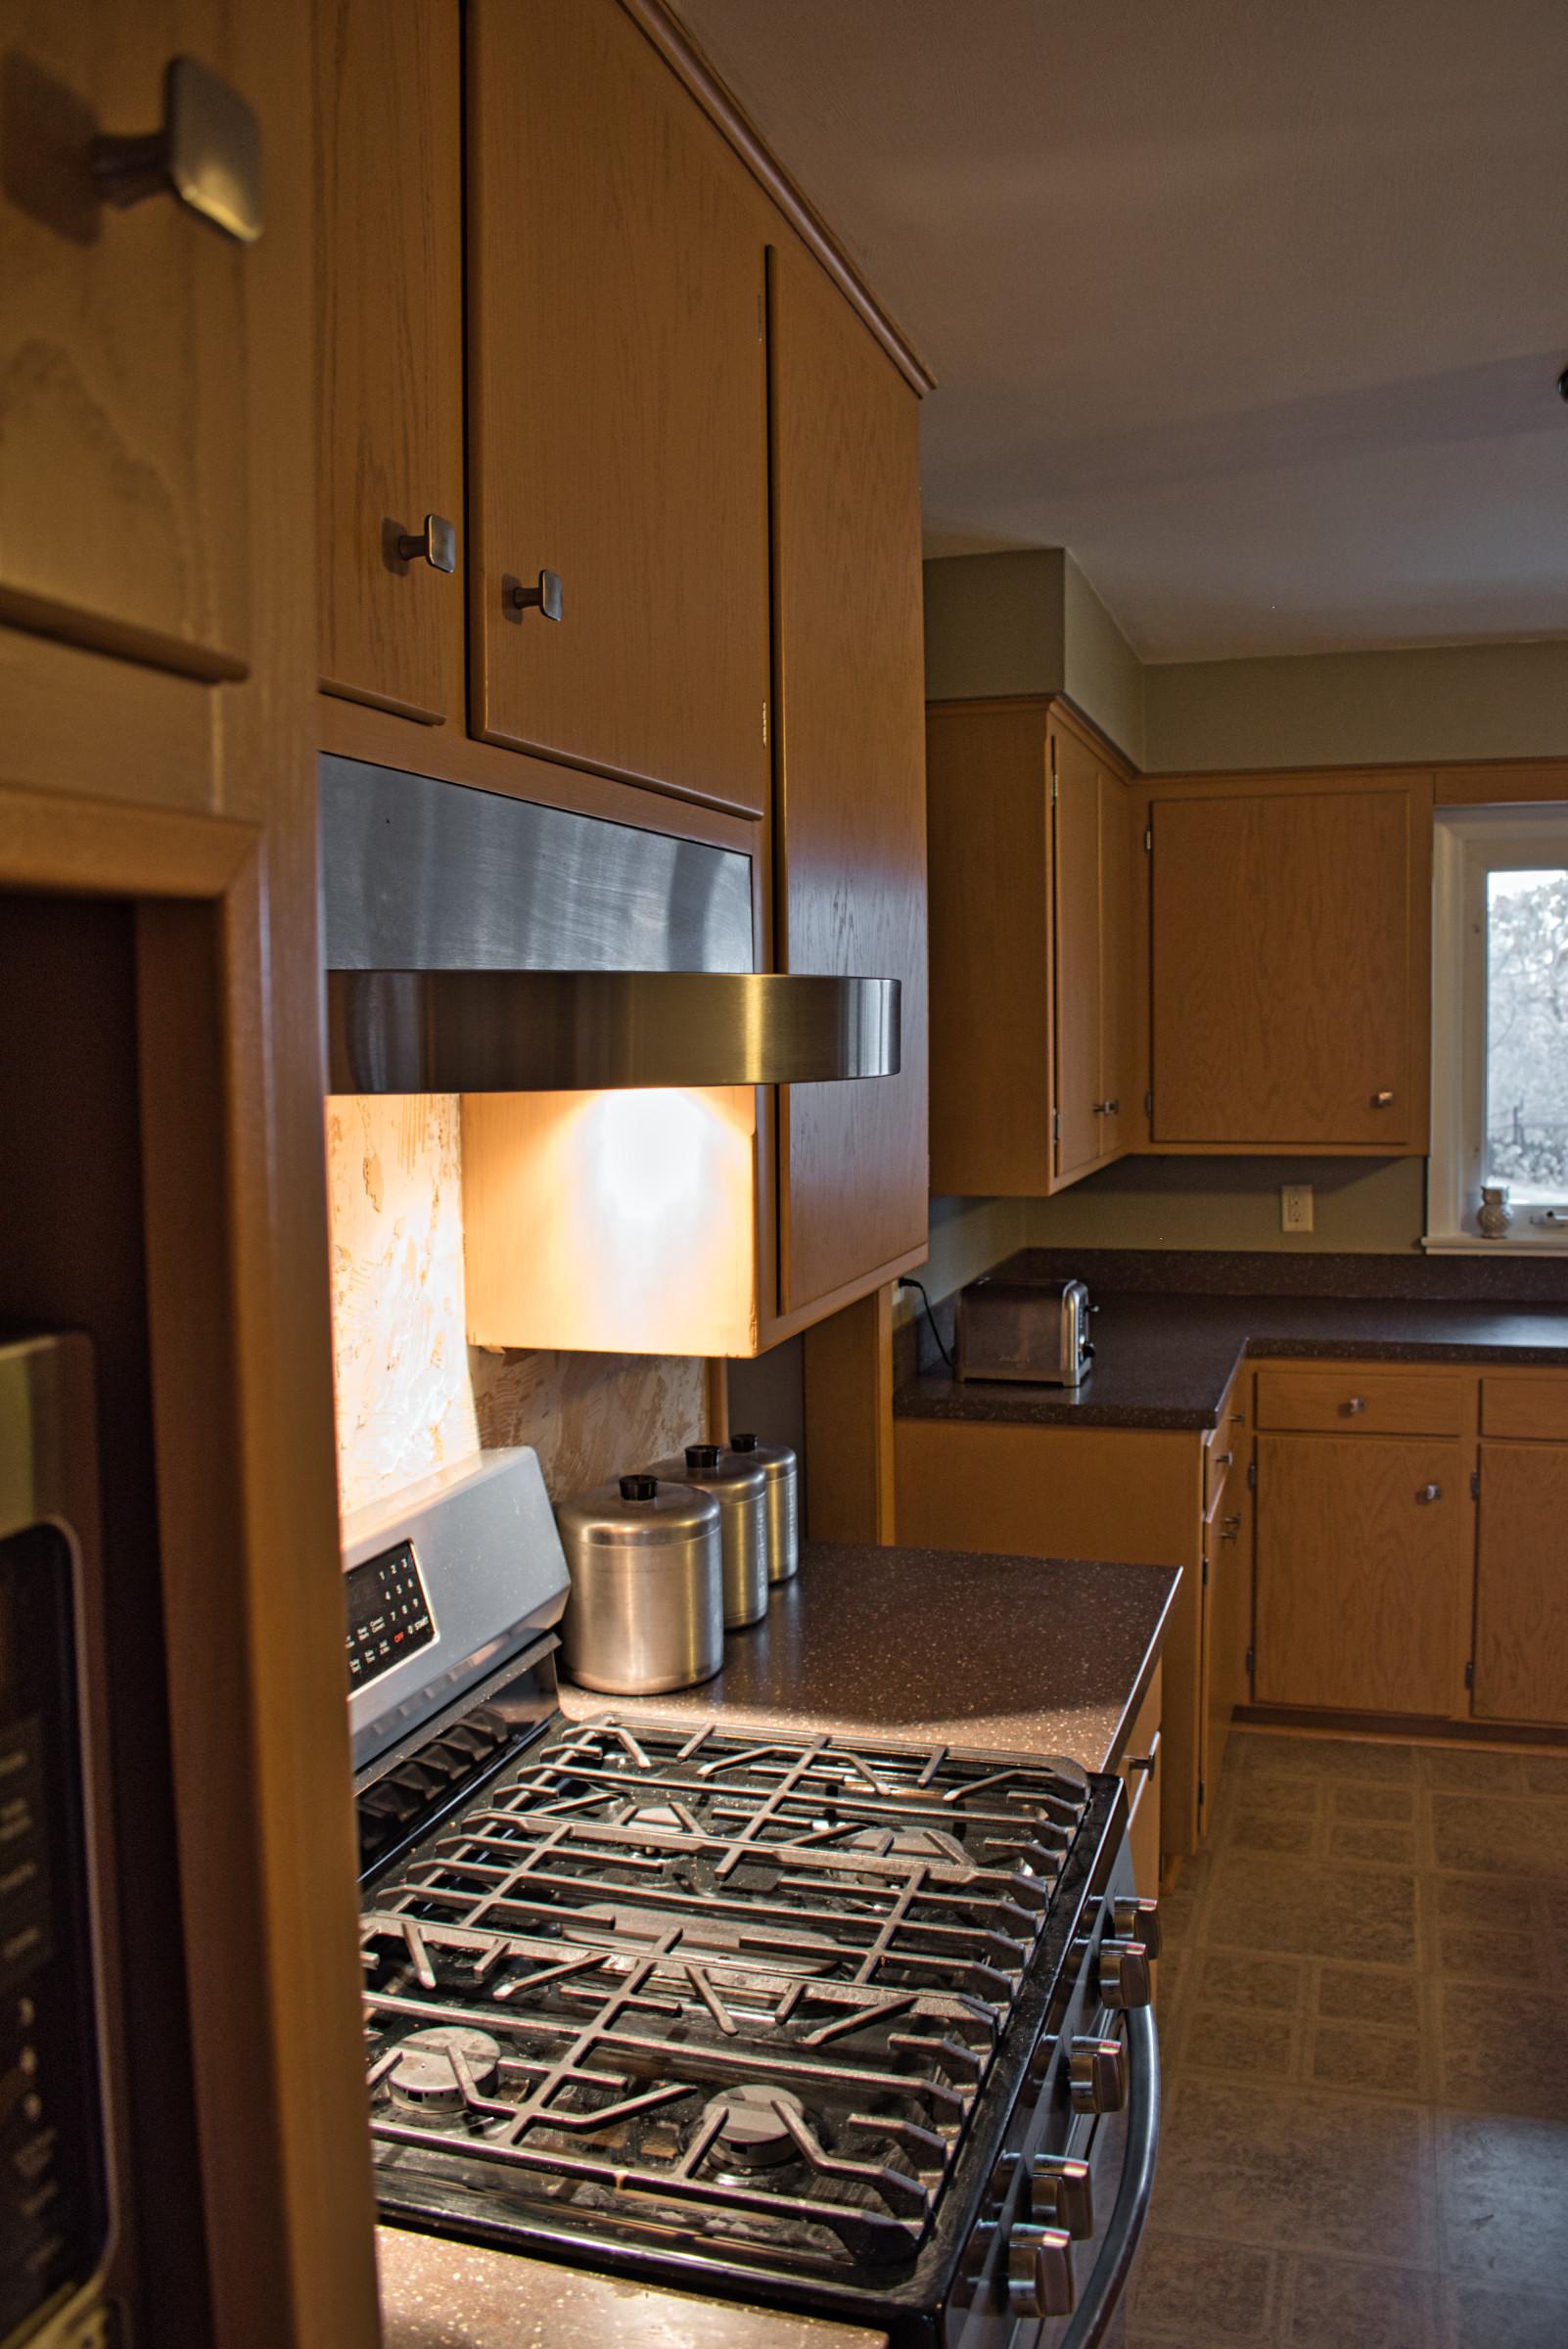 Queens Way Kitchen Remodel - Range Space